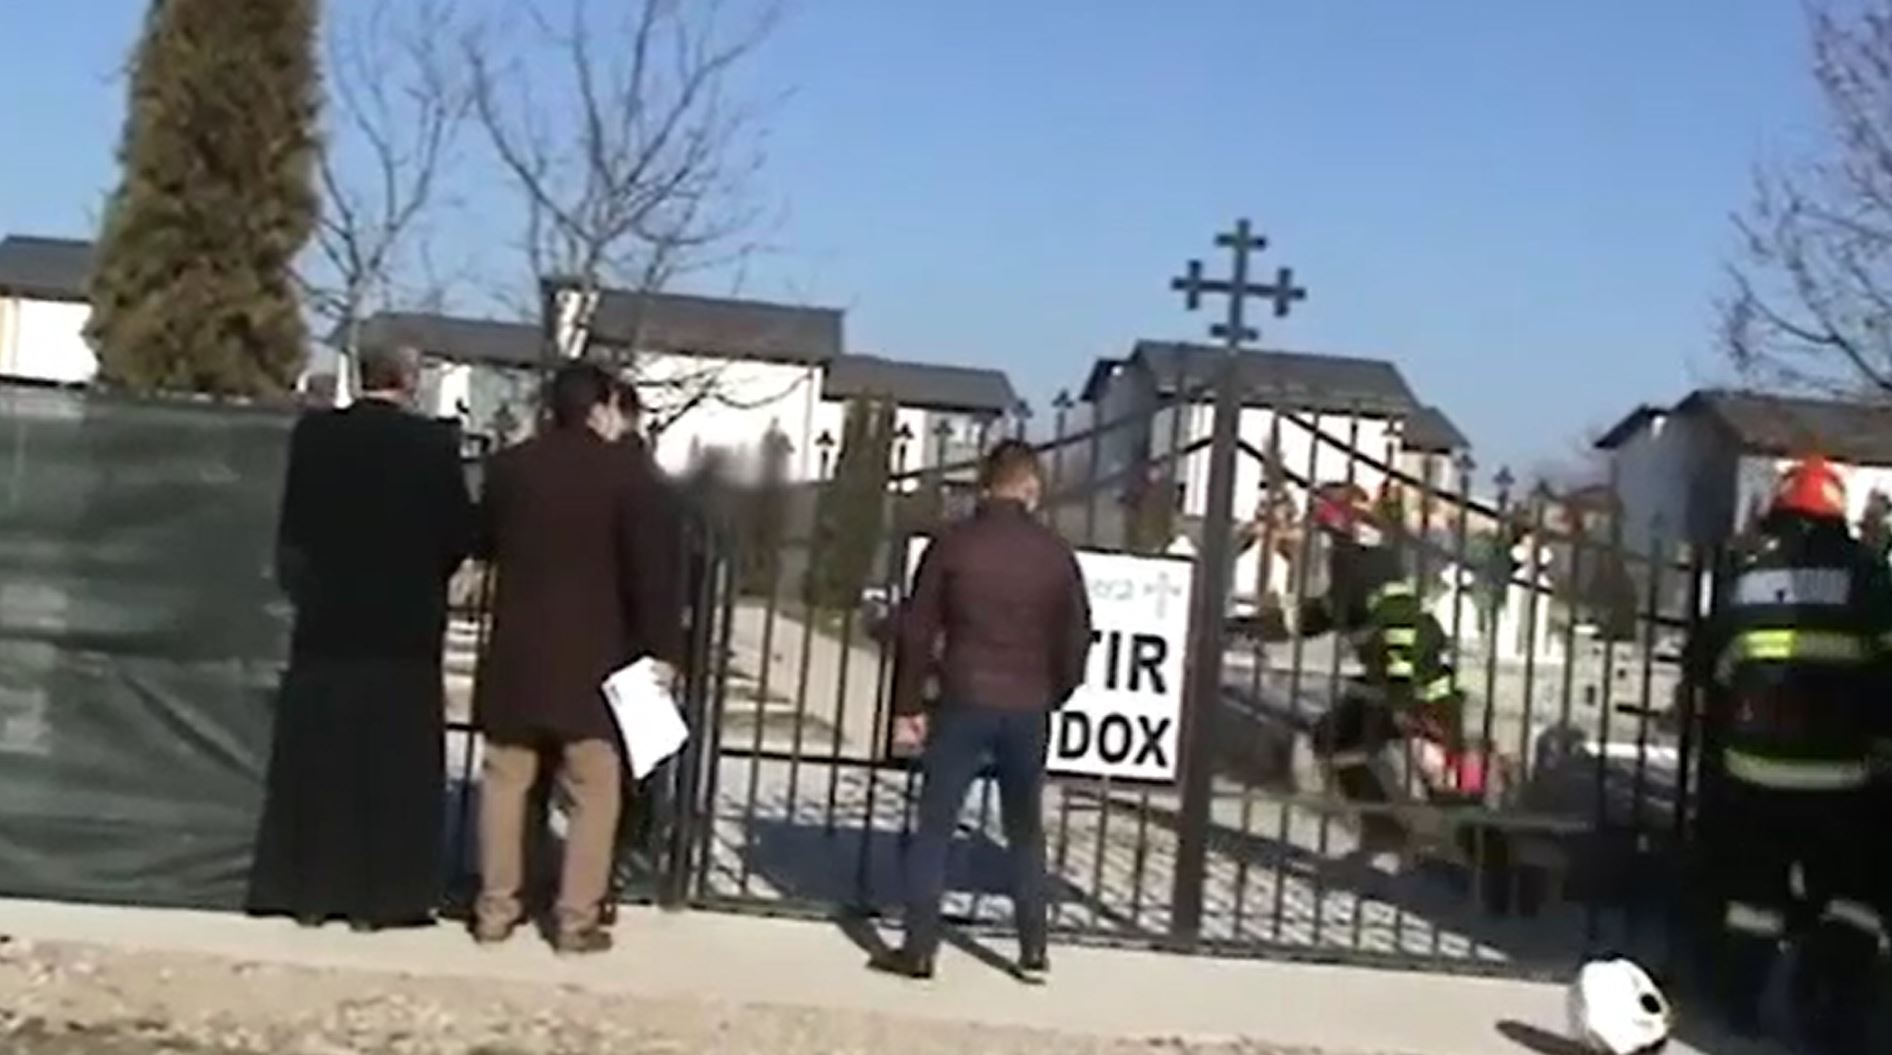 Supărat că se extinde cimitirul din localitate, un bărbat a vrut să-și pună capăt zilelor